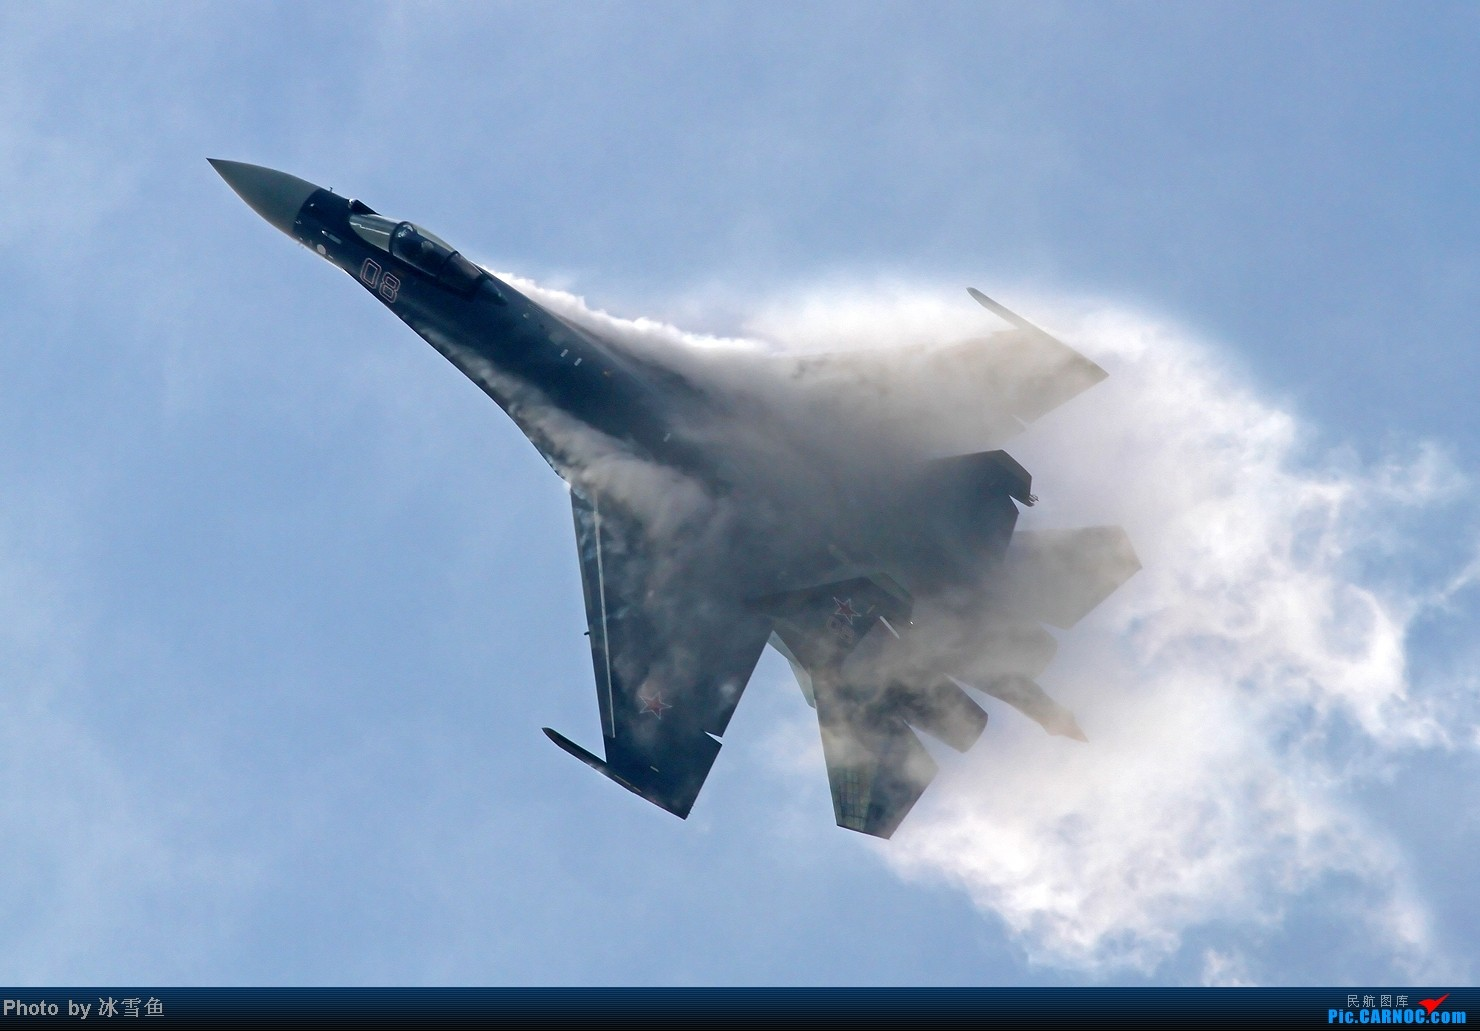 Re:[原创]【BLDDQ】借珠海航展的东风,再度回归! SU-35 08 中国珠海金湾机场